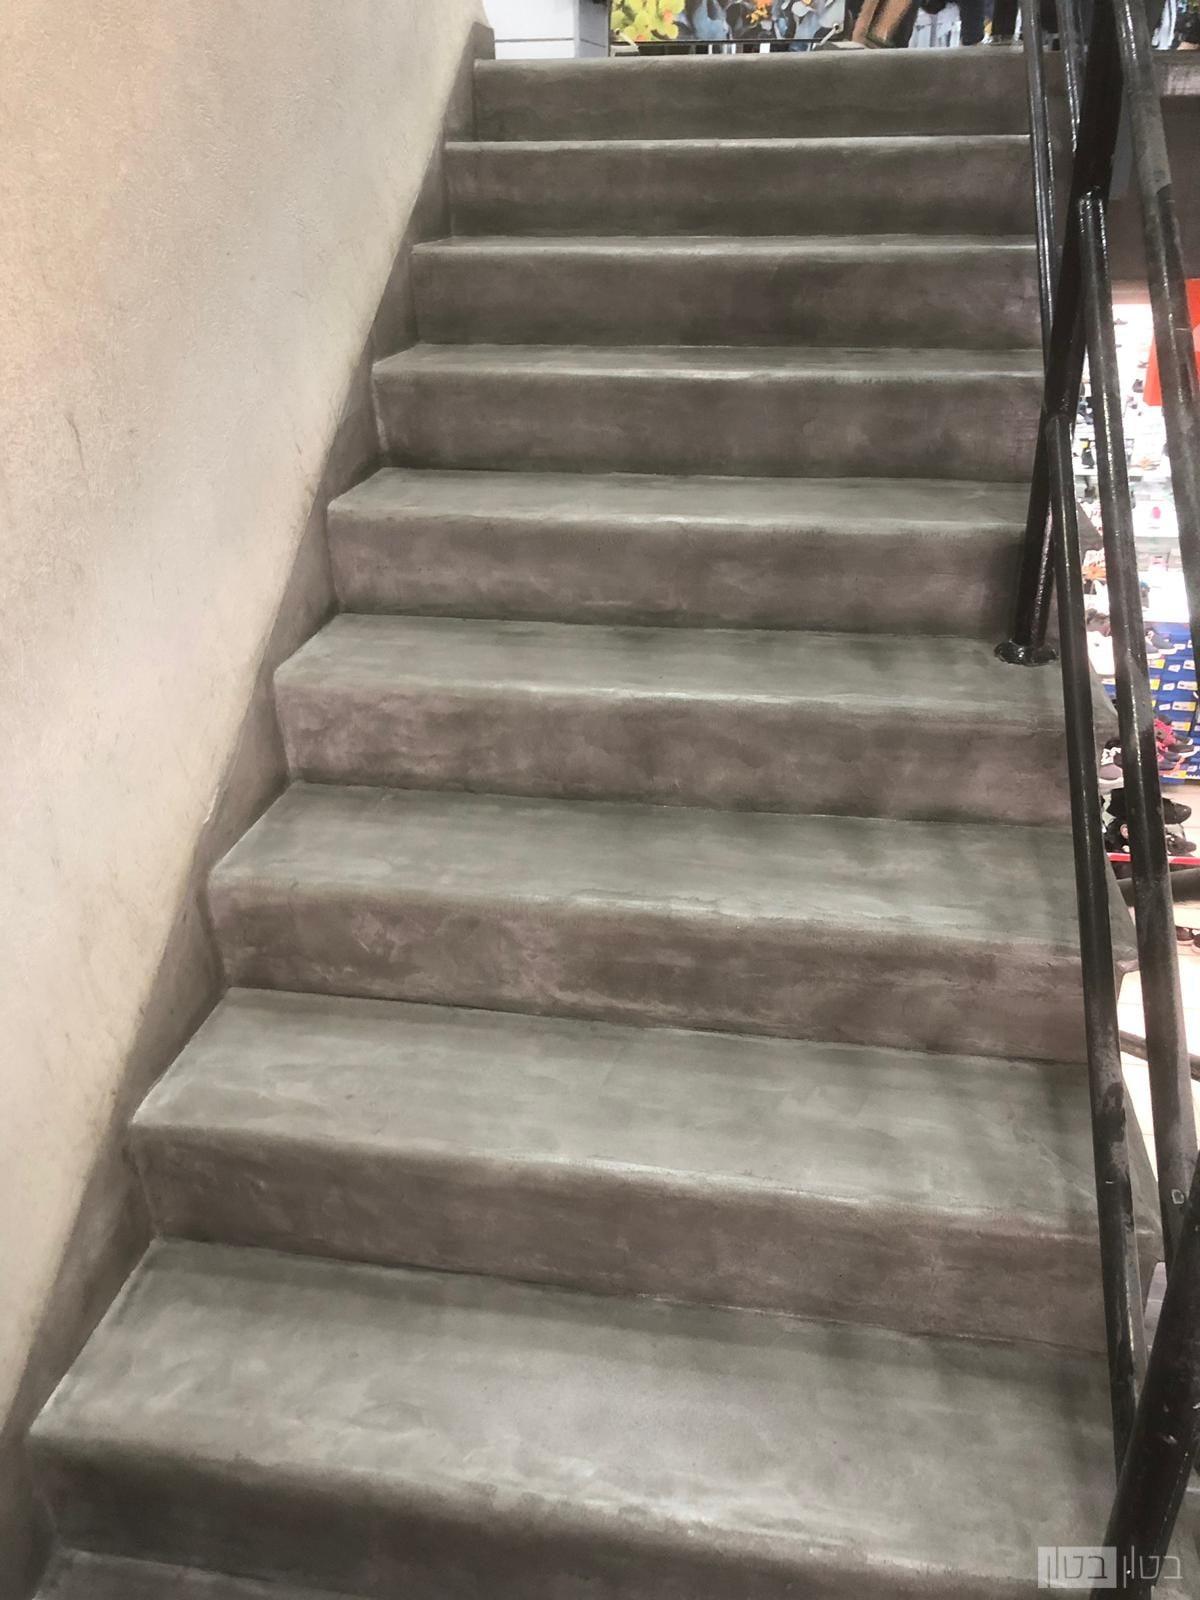 מדרגות מעוגלות פינה בחיפוי מיקרוטופינג